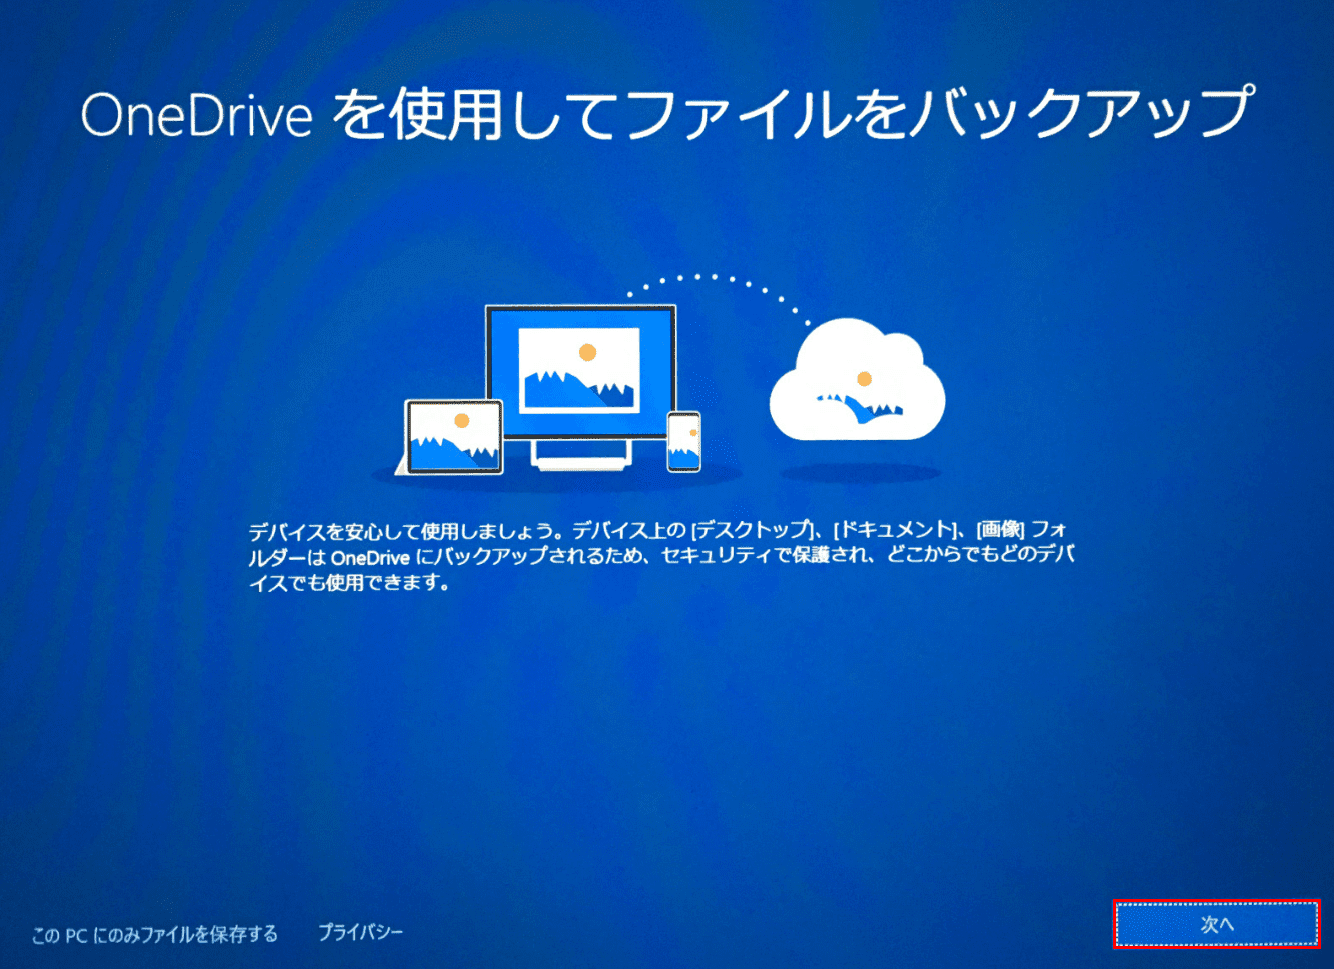 OneDriveの使用設定